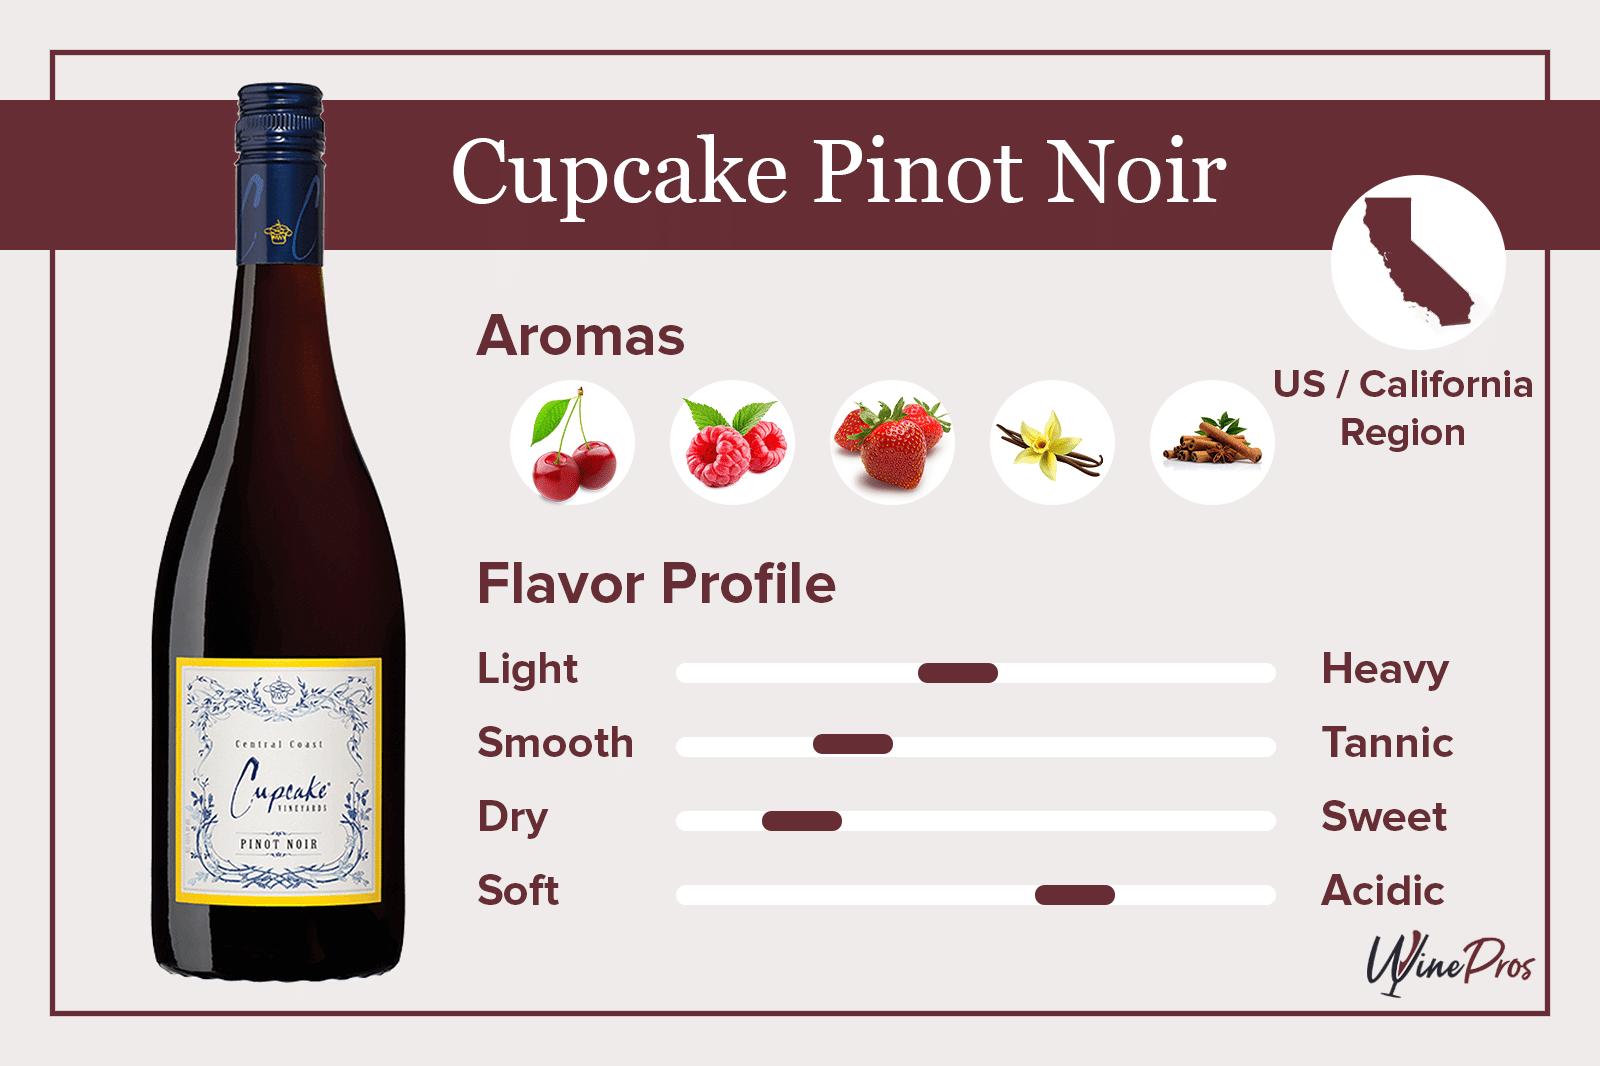 Cupcake Pinot Noir Featured